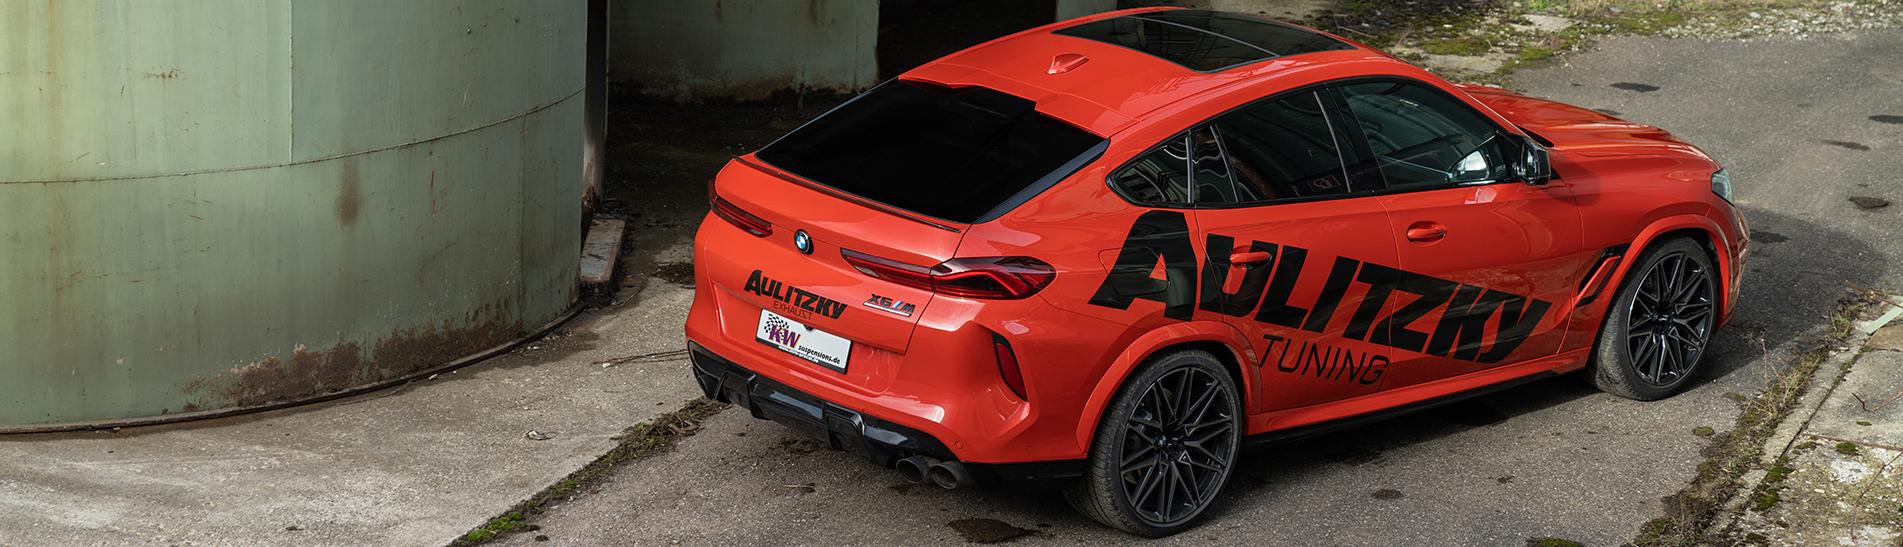 Der Fahrwerkhersteller KW automotive hat für den BMW X5M (F95) und BMW X6M (F96) inklusive der 625 PS starken Competition-Modelle das KW Gewindefahrwerk Variante 4 im Lieferangebot.